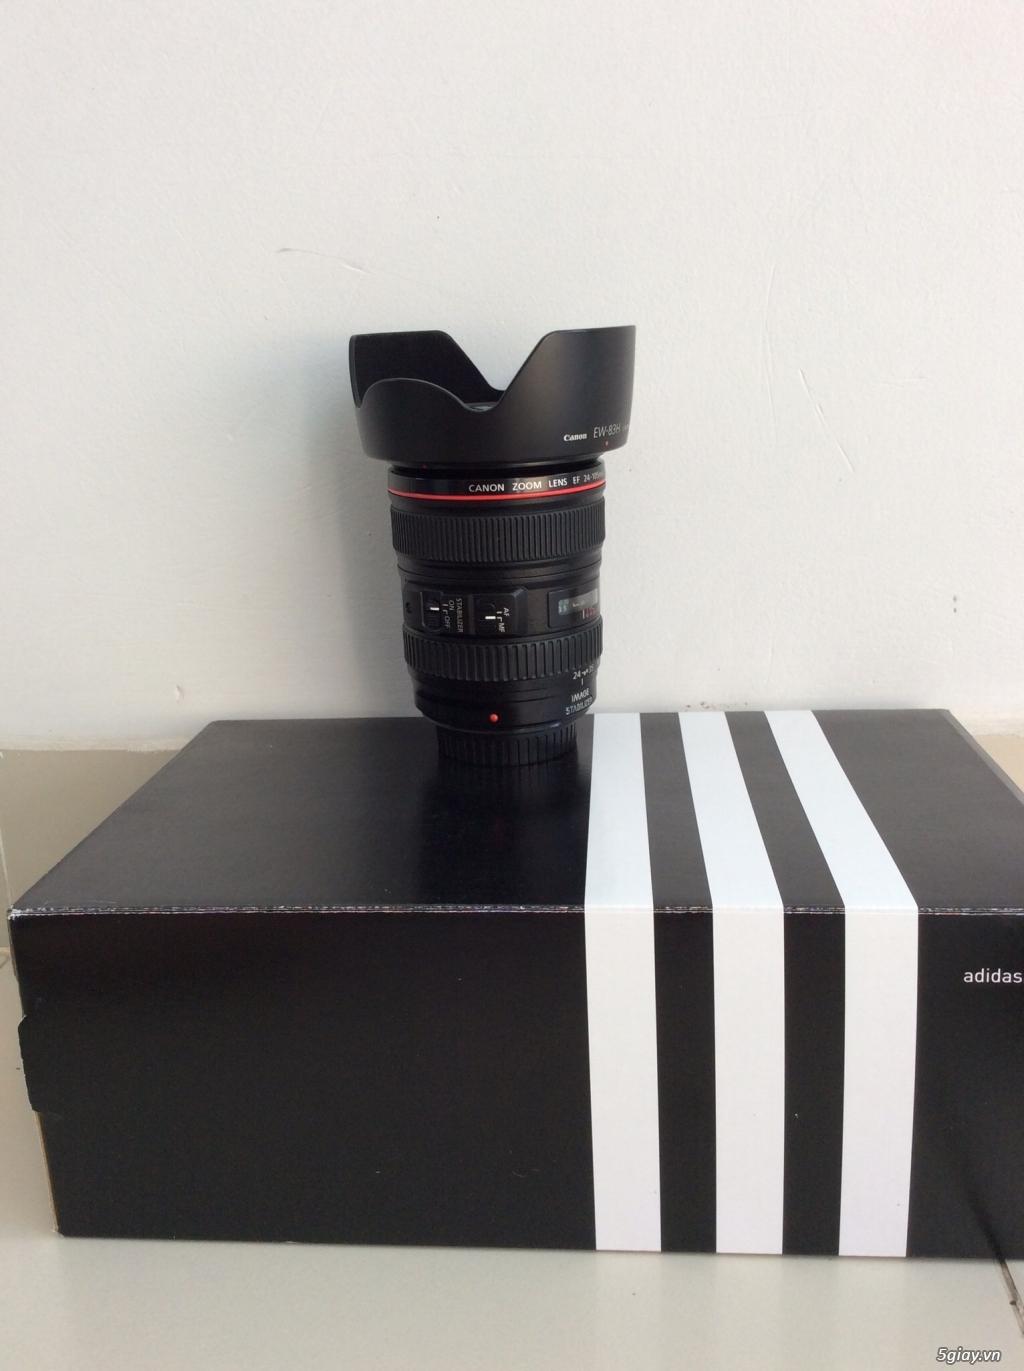 Bán canon 5D mark II - lens 24-105 code UA đẹp . giá tốt ăn tết. - 2